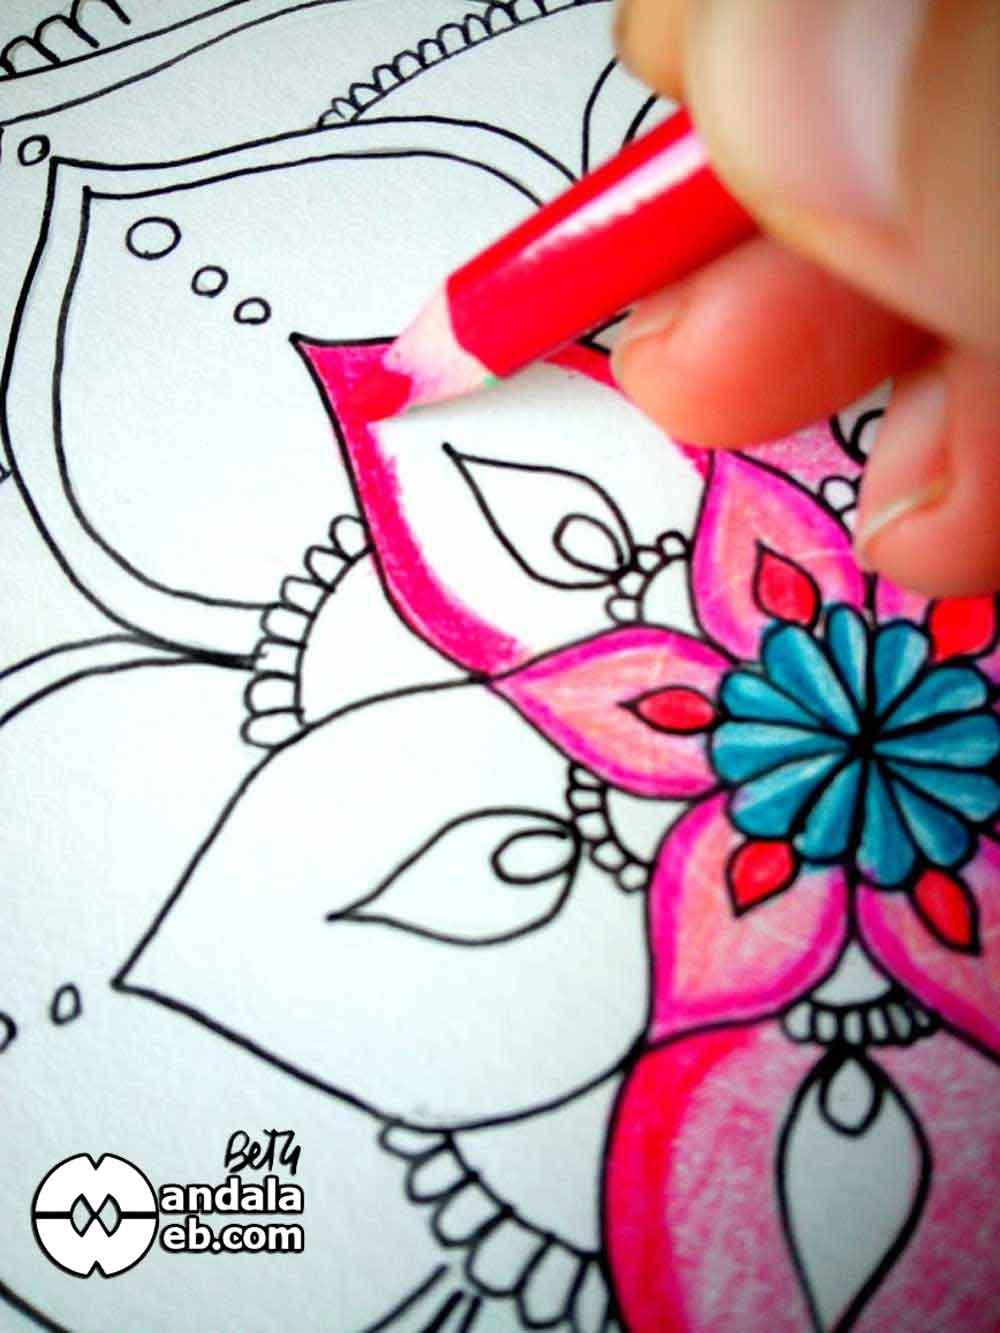 como pintar mandalas con lapices de colores